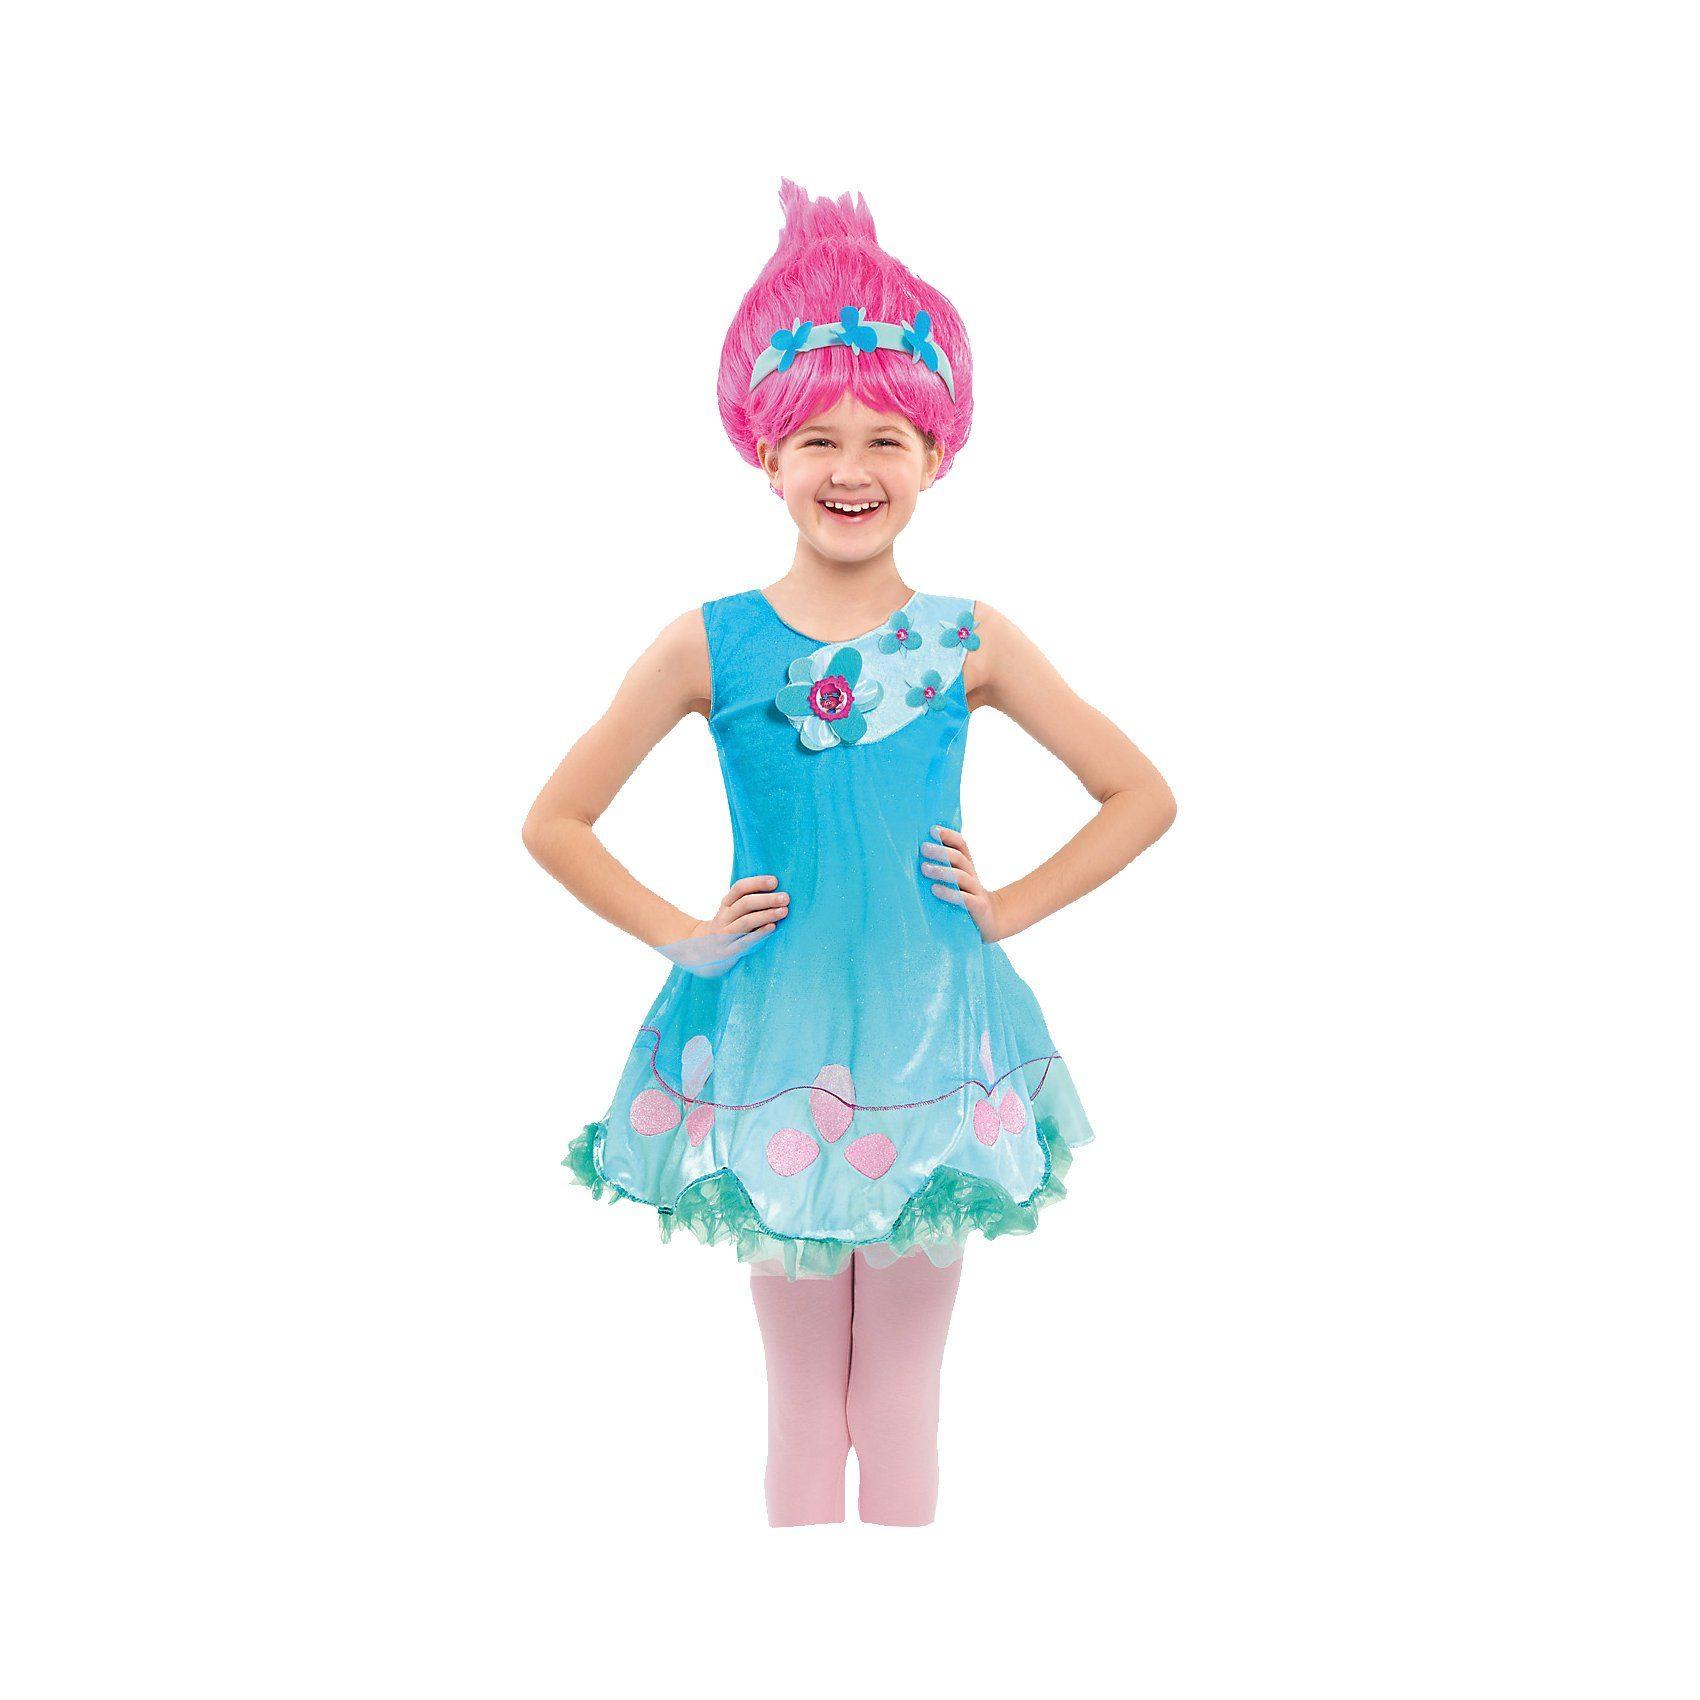 Giochi Preziosi Kostüm Trollskleid Poppy